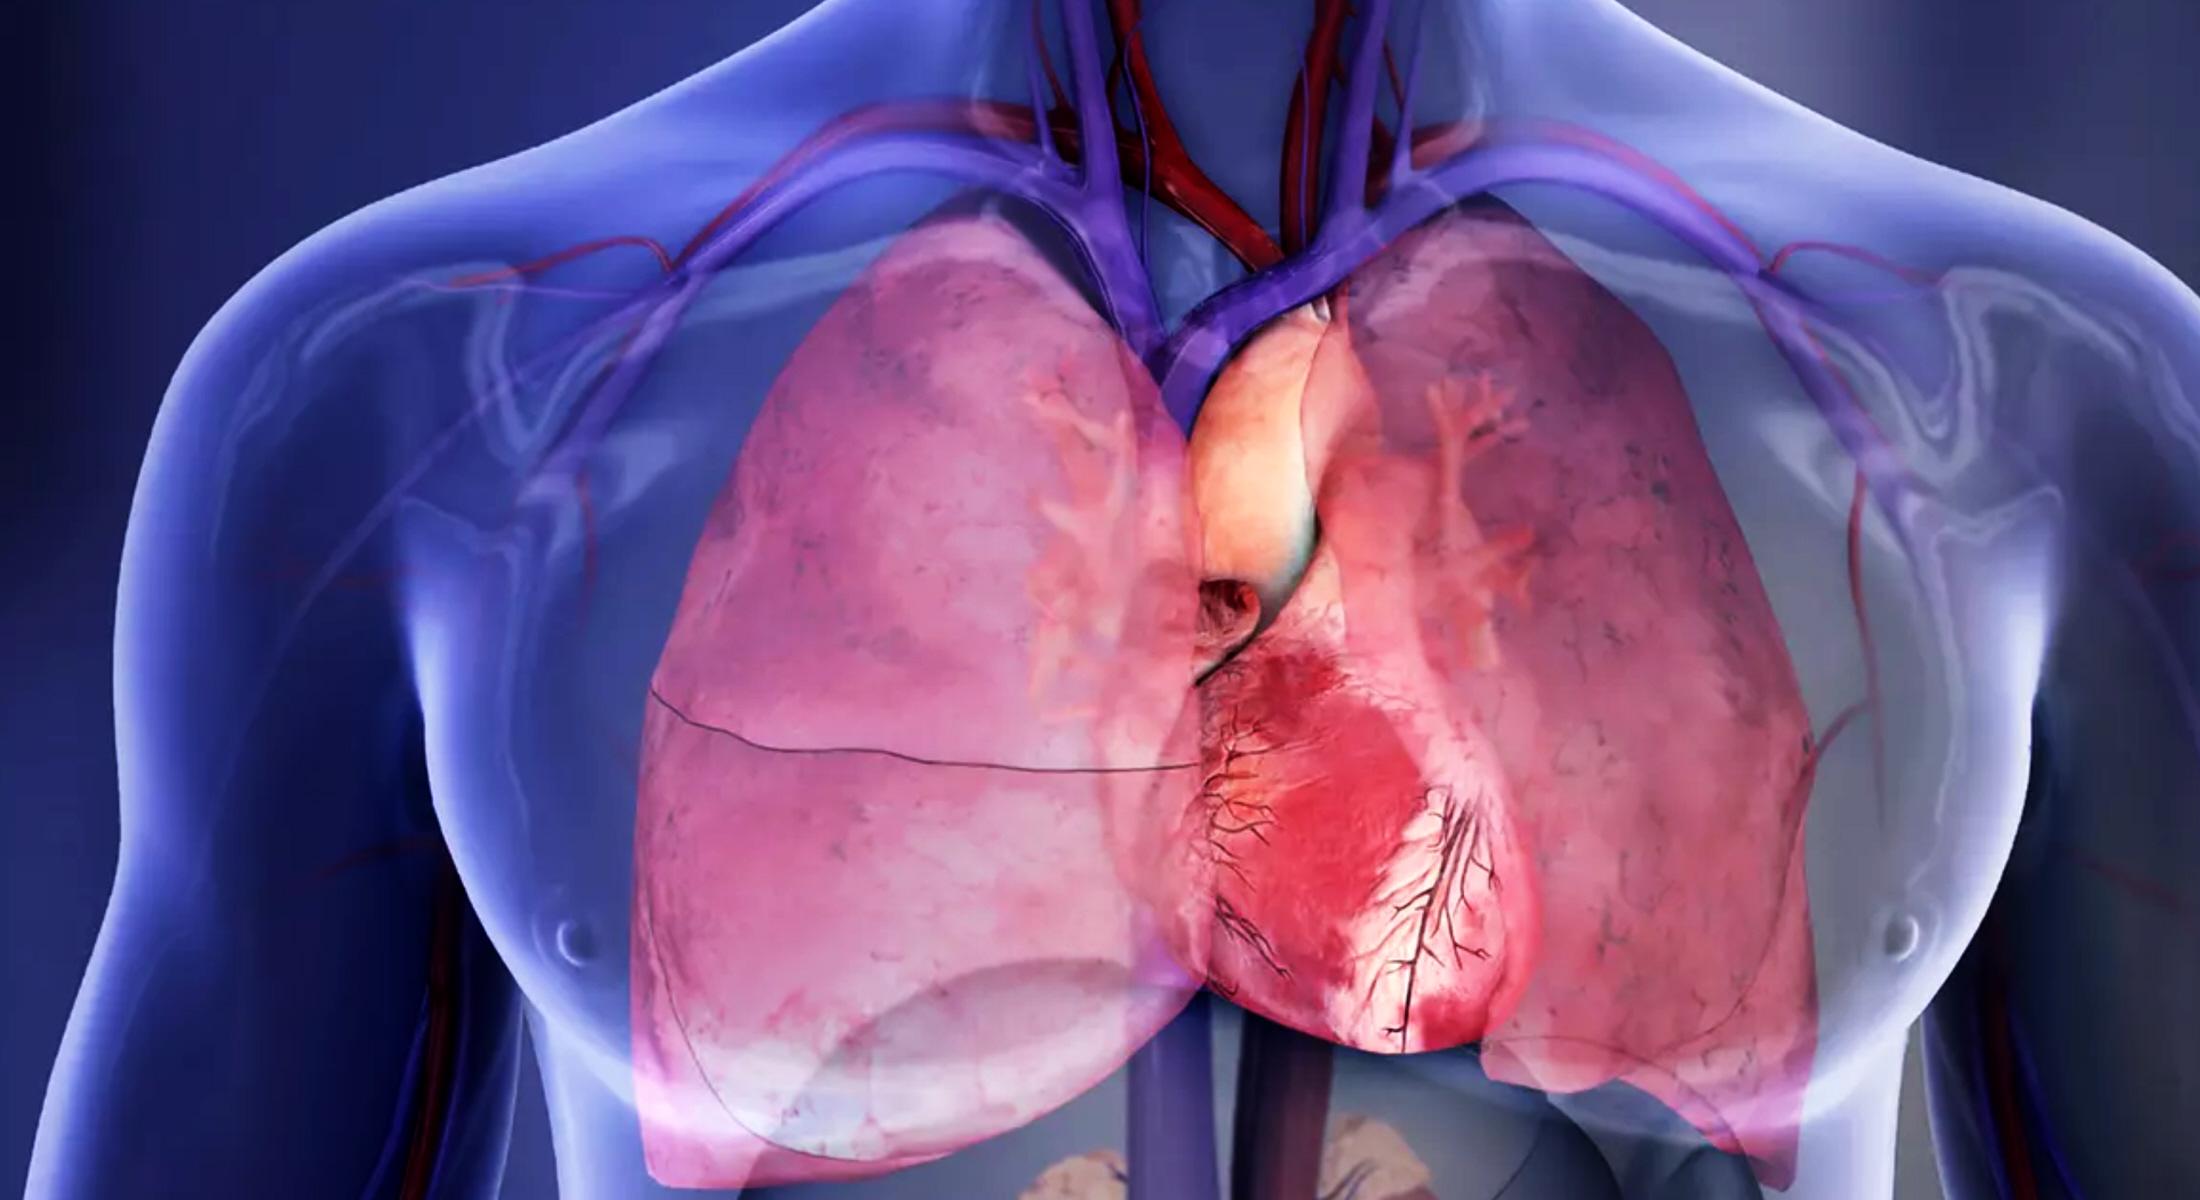 Ποιά είναι τα σημάδια της καρδιακής ανεπάρκειας και πόσο συχνή είναι;